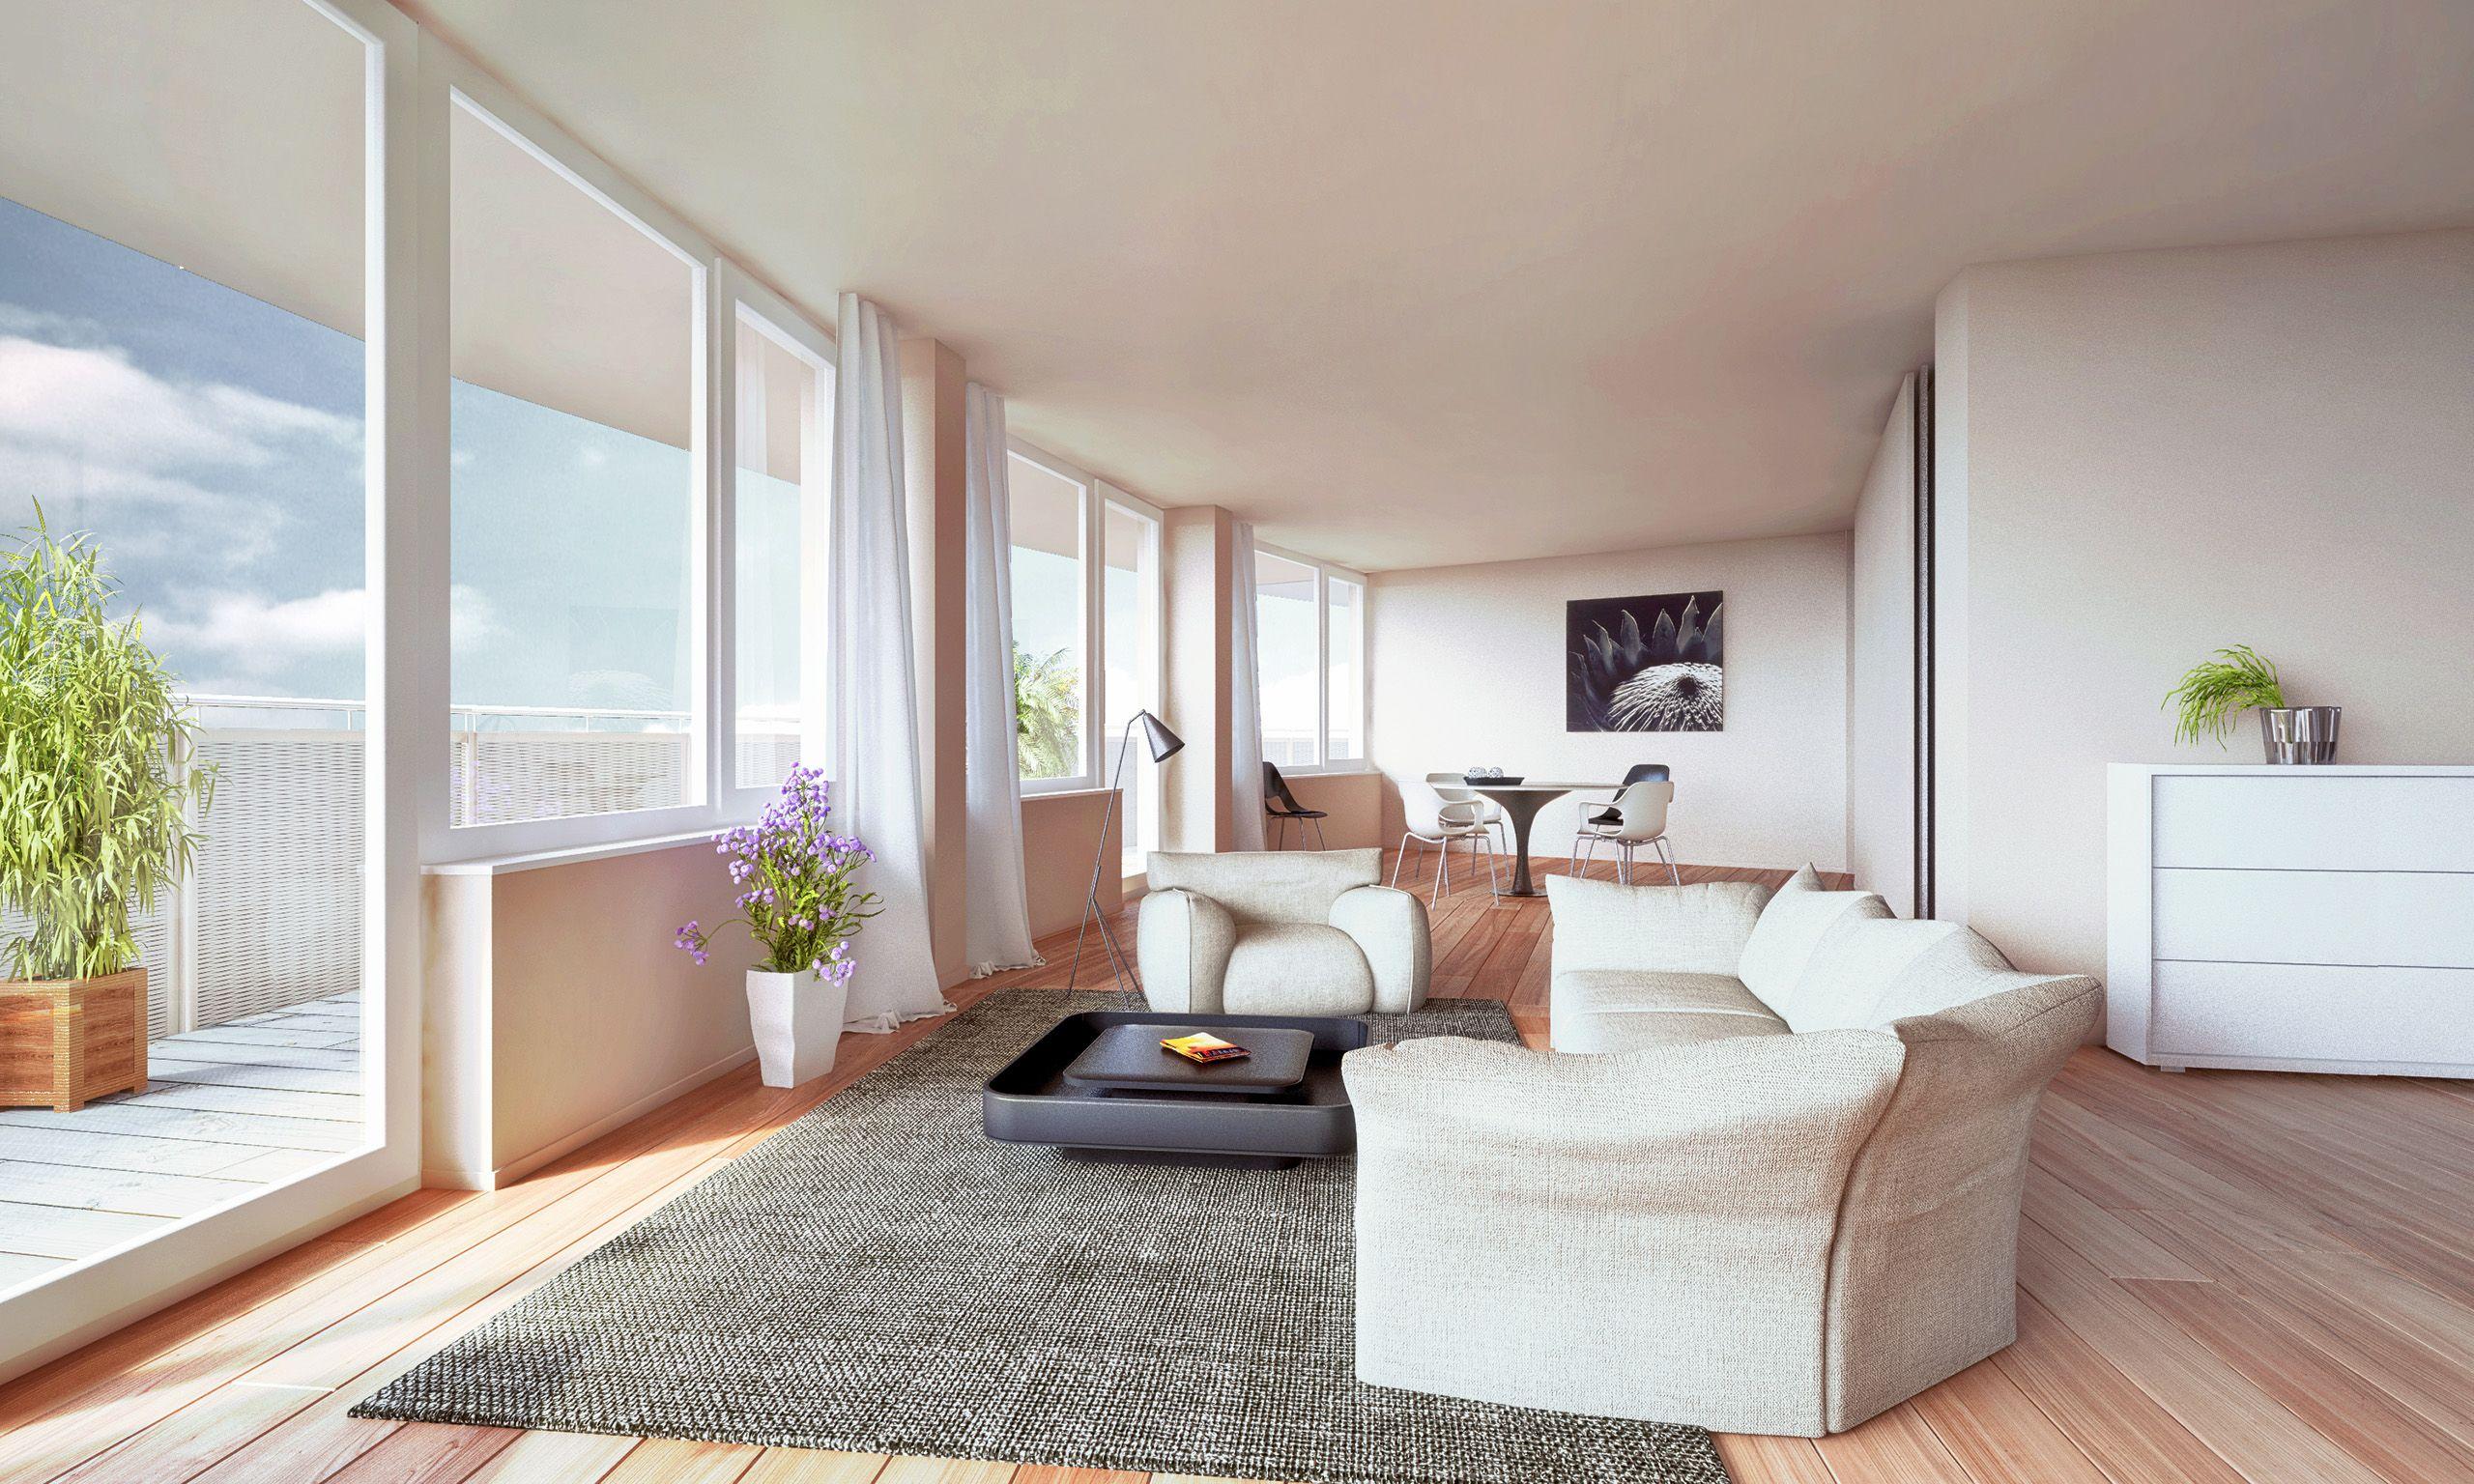 Architekturvisualisierung Berlin interior berlin weissensee neues berlin loft render